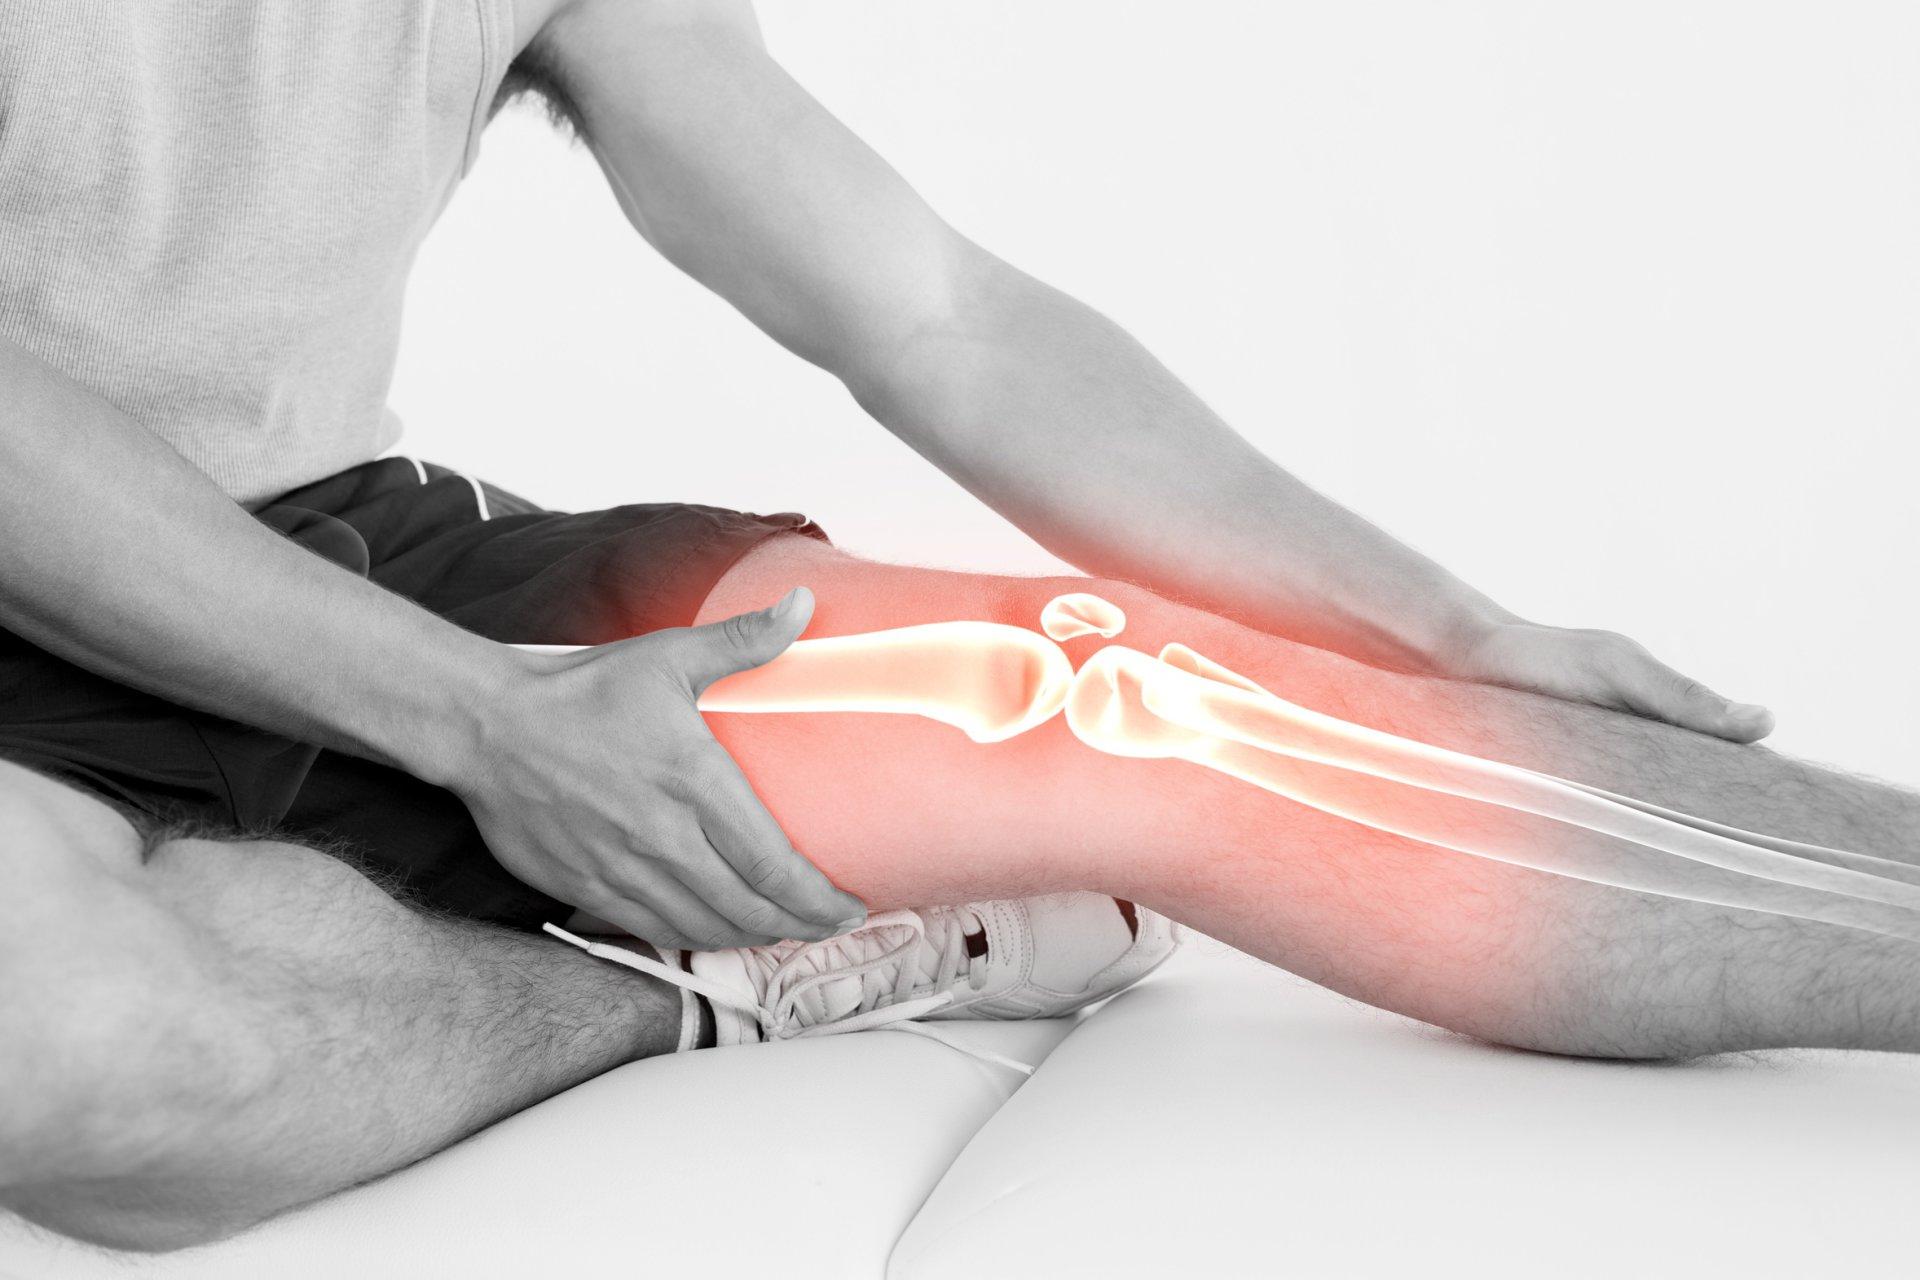 kaip greitai pašalinti skausmą sąnariuose nykščio artrozė iš rankų gydyti liaudies gynimo